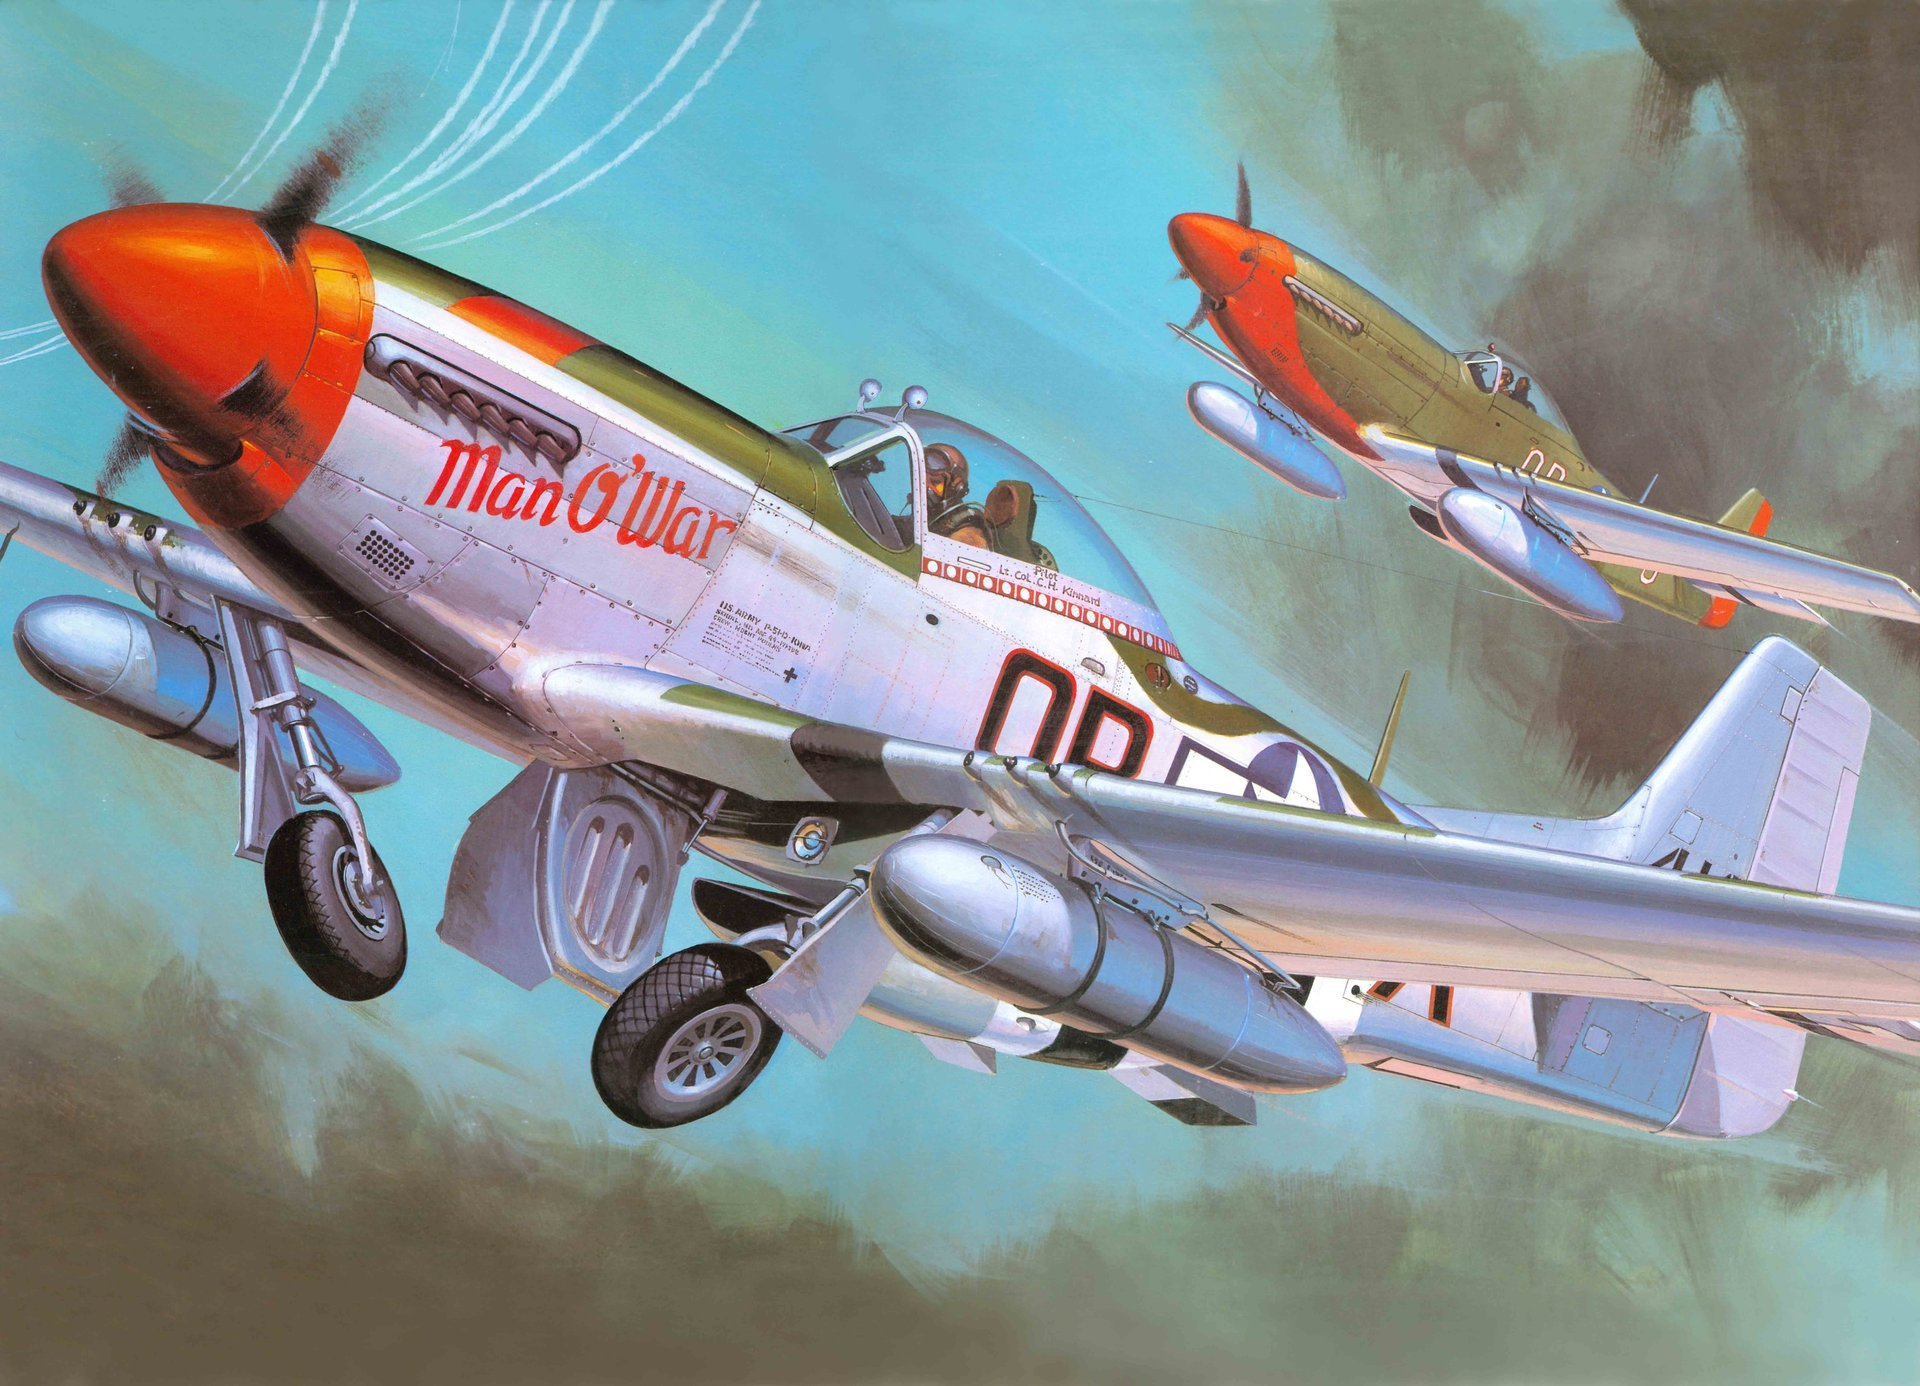 Обои дальний, одноместный, P-51c mustang, американский. Авиация foto 15